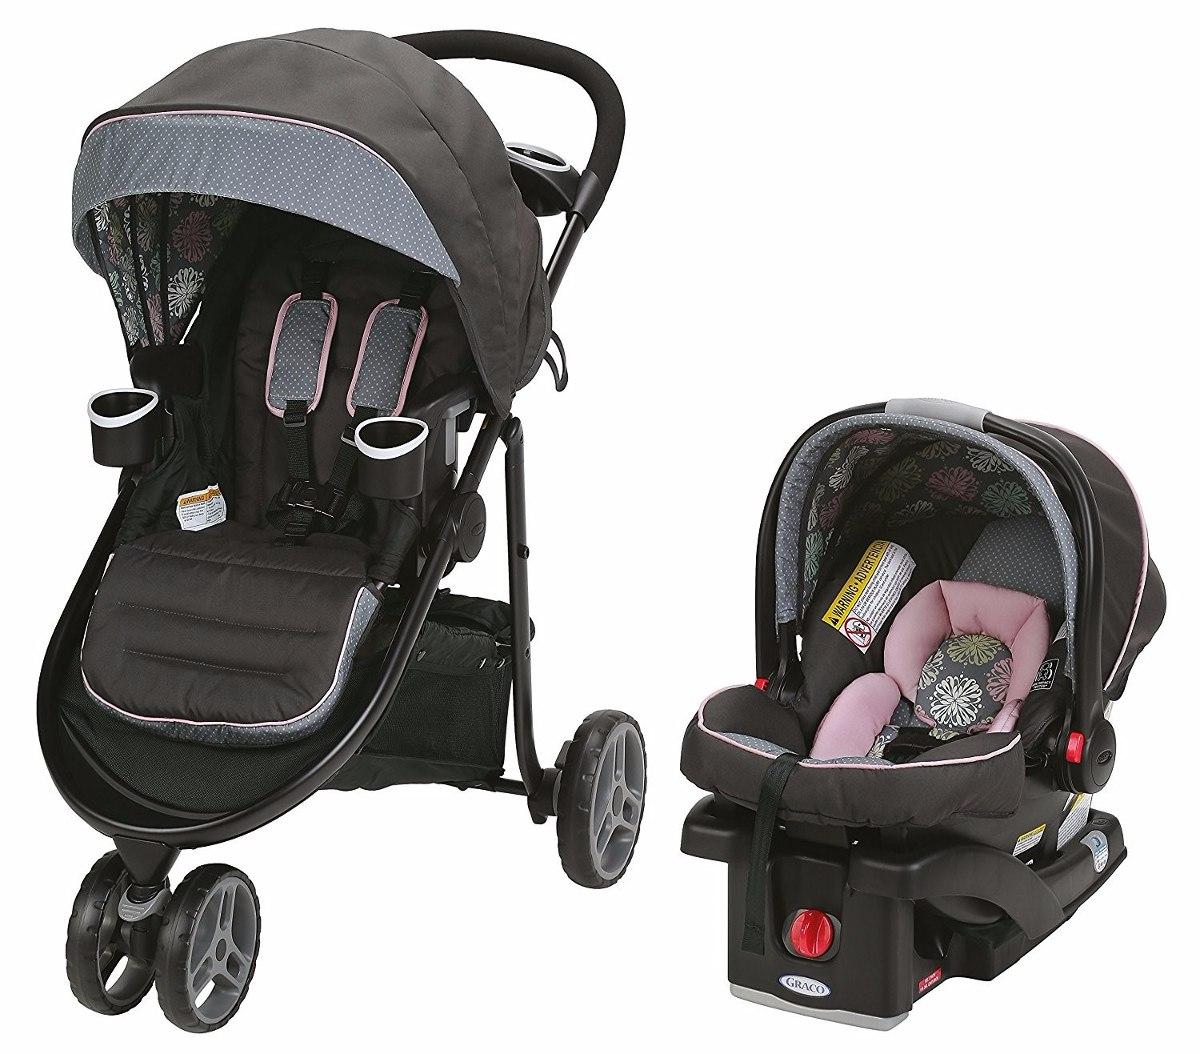 a4c6464a3 graco modes 3 lite travel system addison coche + porta bebe. Cargando zoom.